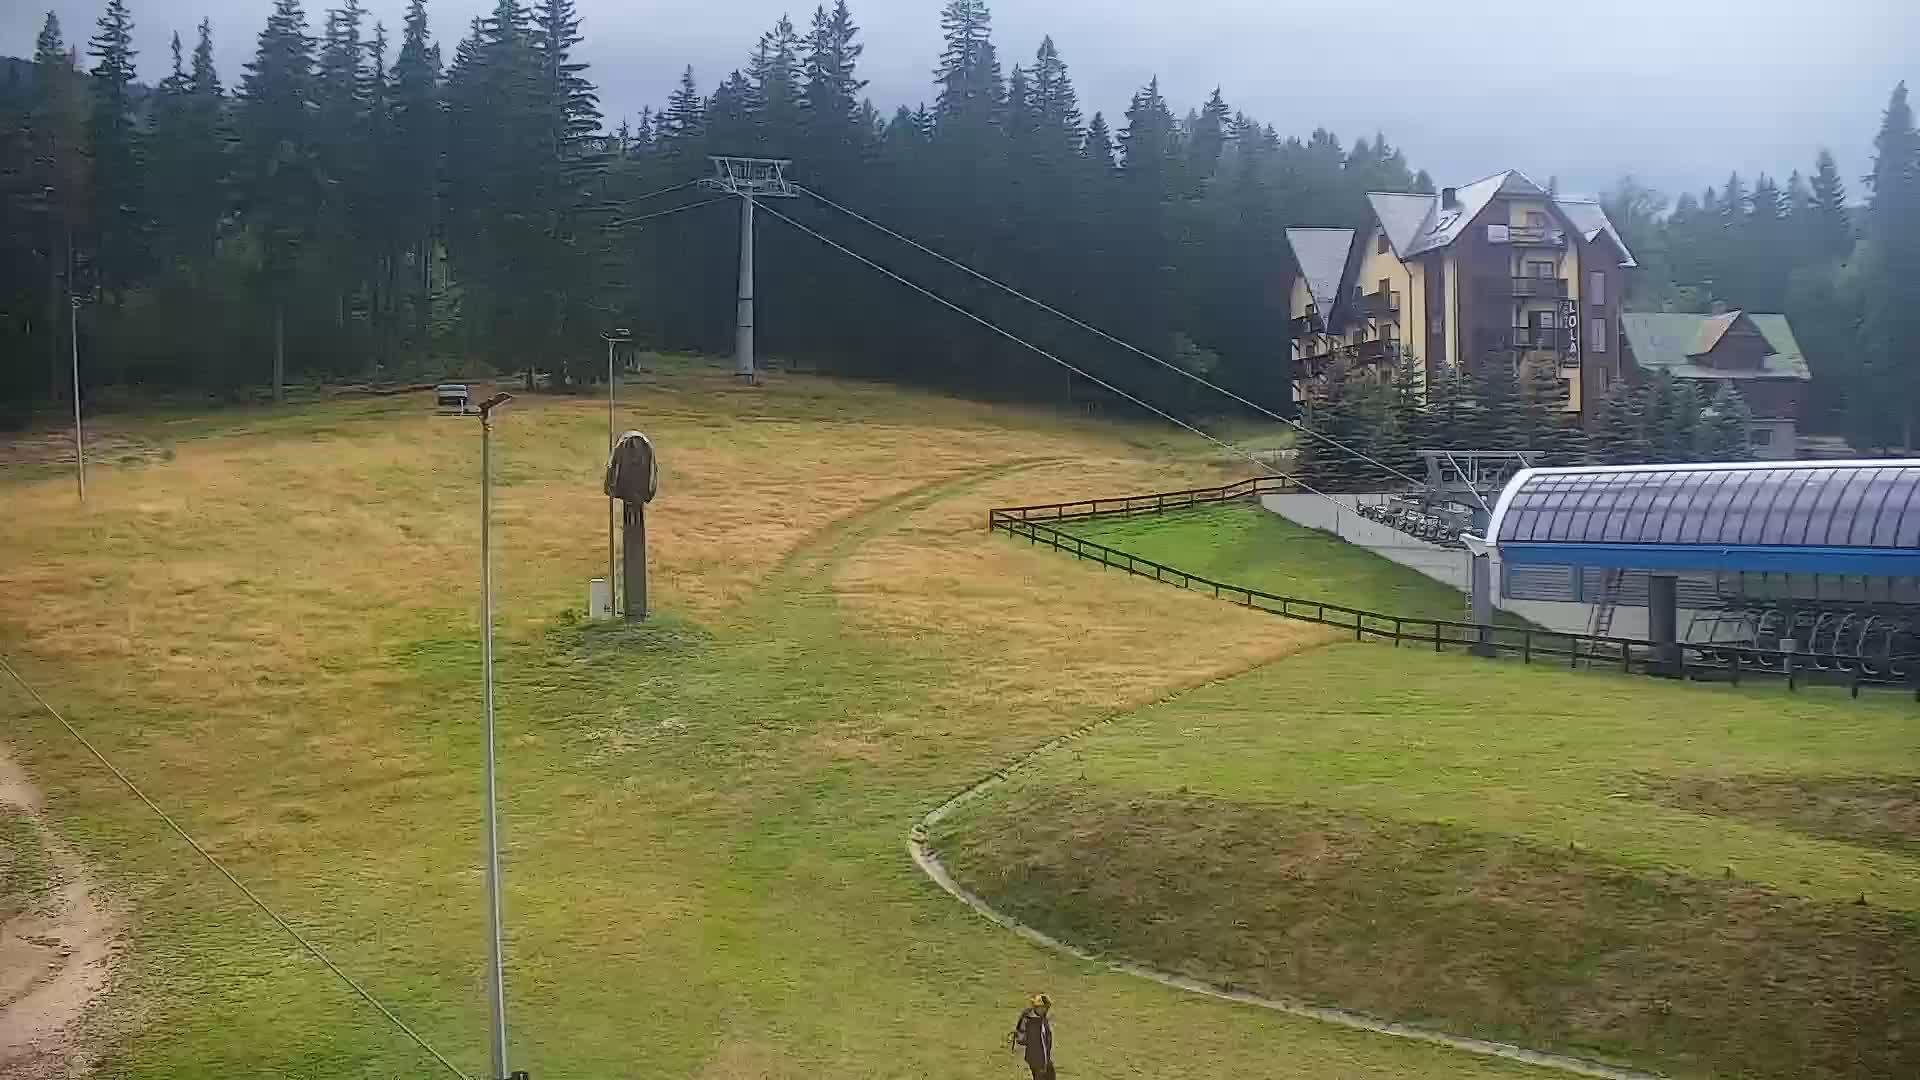 Webcam Ski Resort Szklarska Poreba cam 3 - Giant Mountains